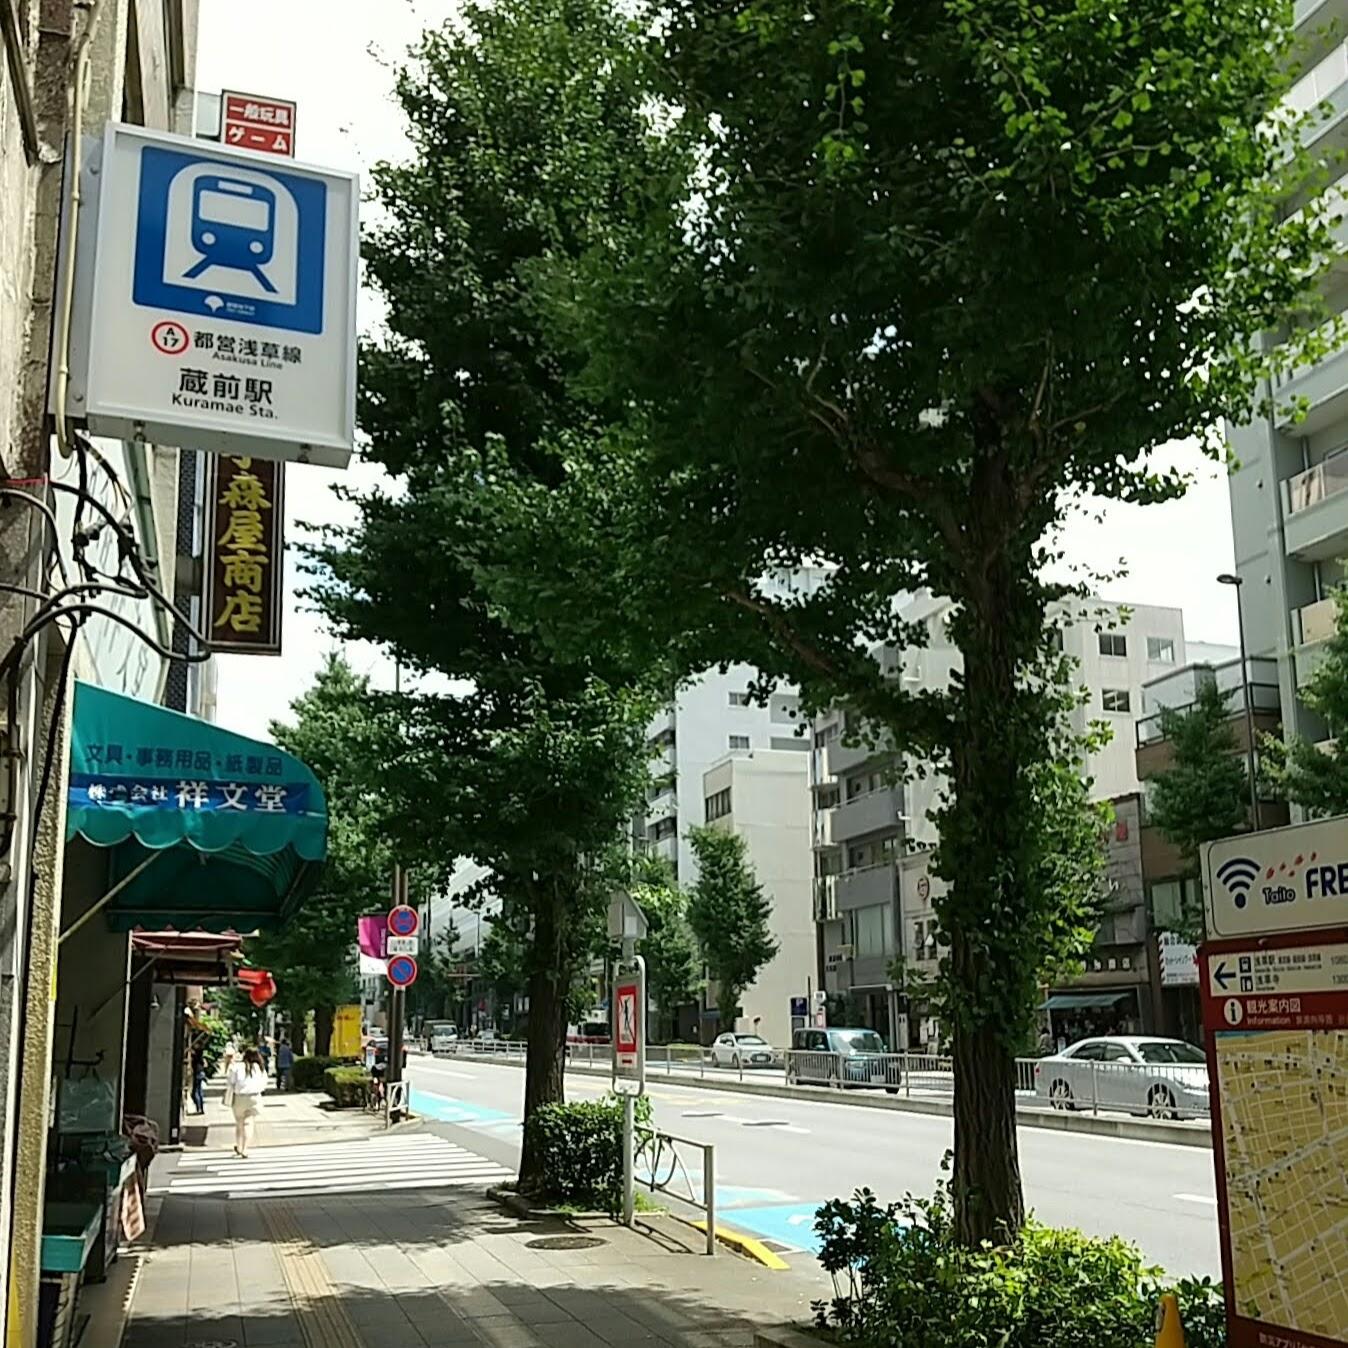 都営地下鉄蔵前駅のA4出入口前